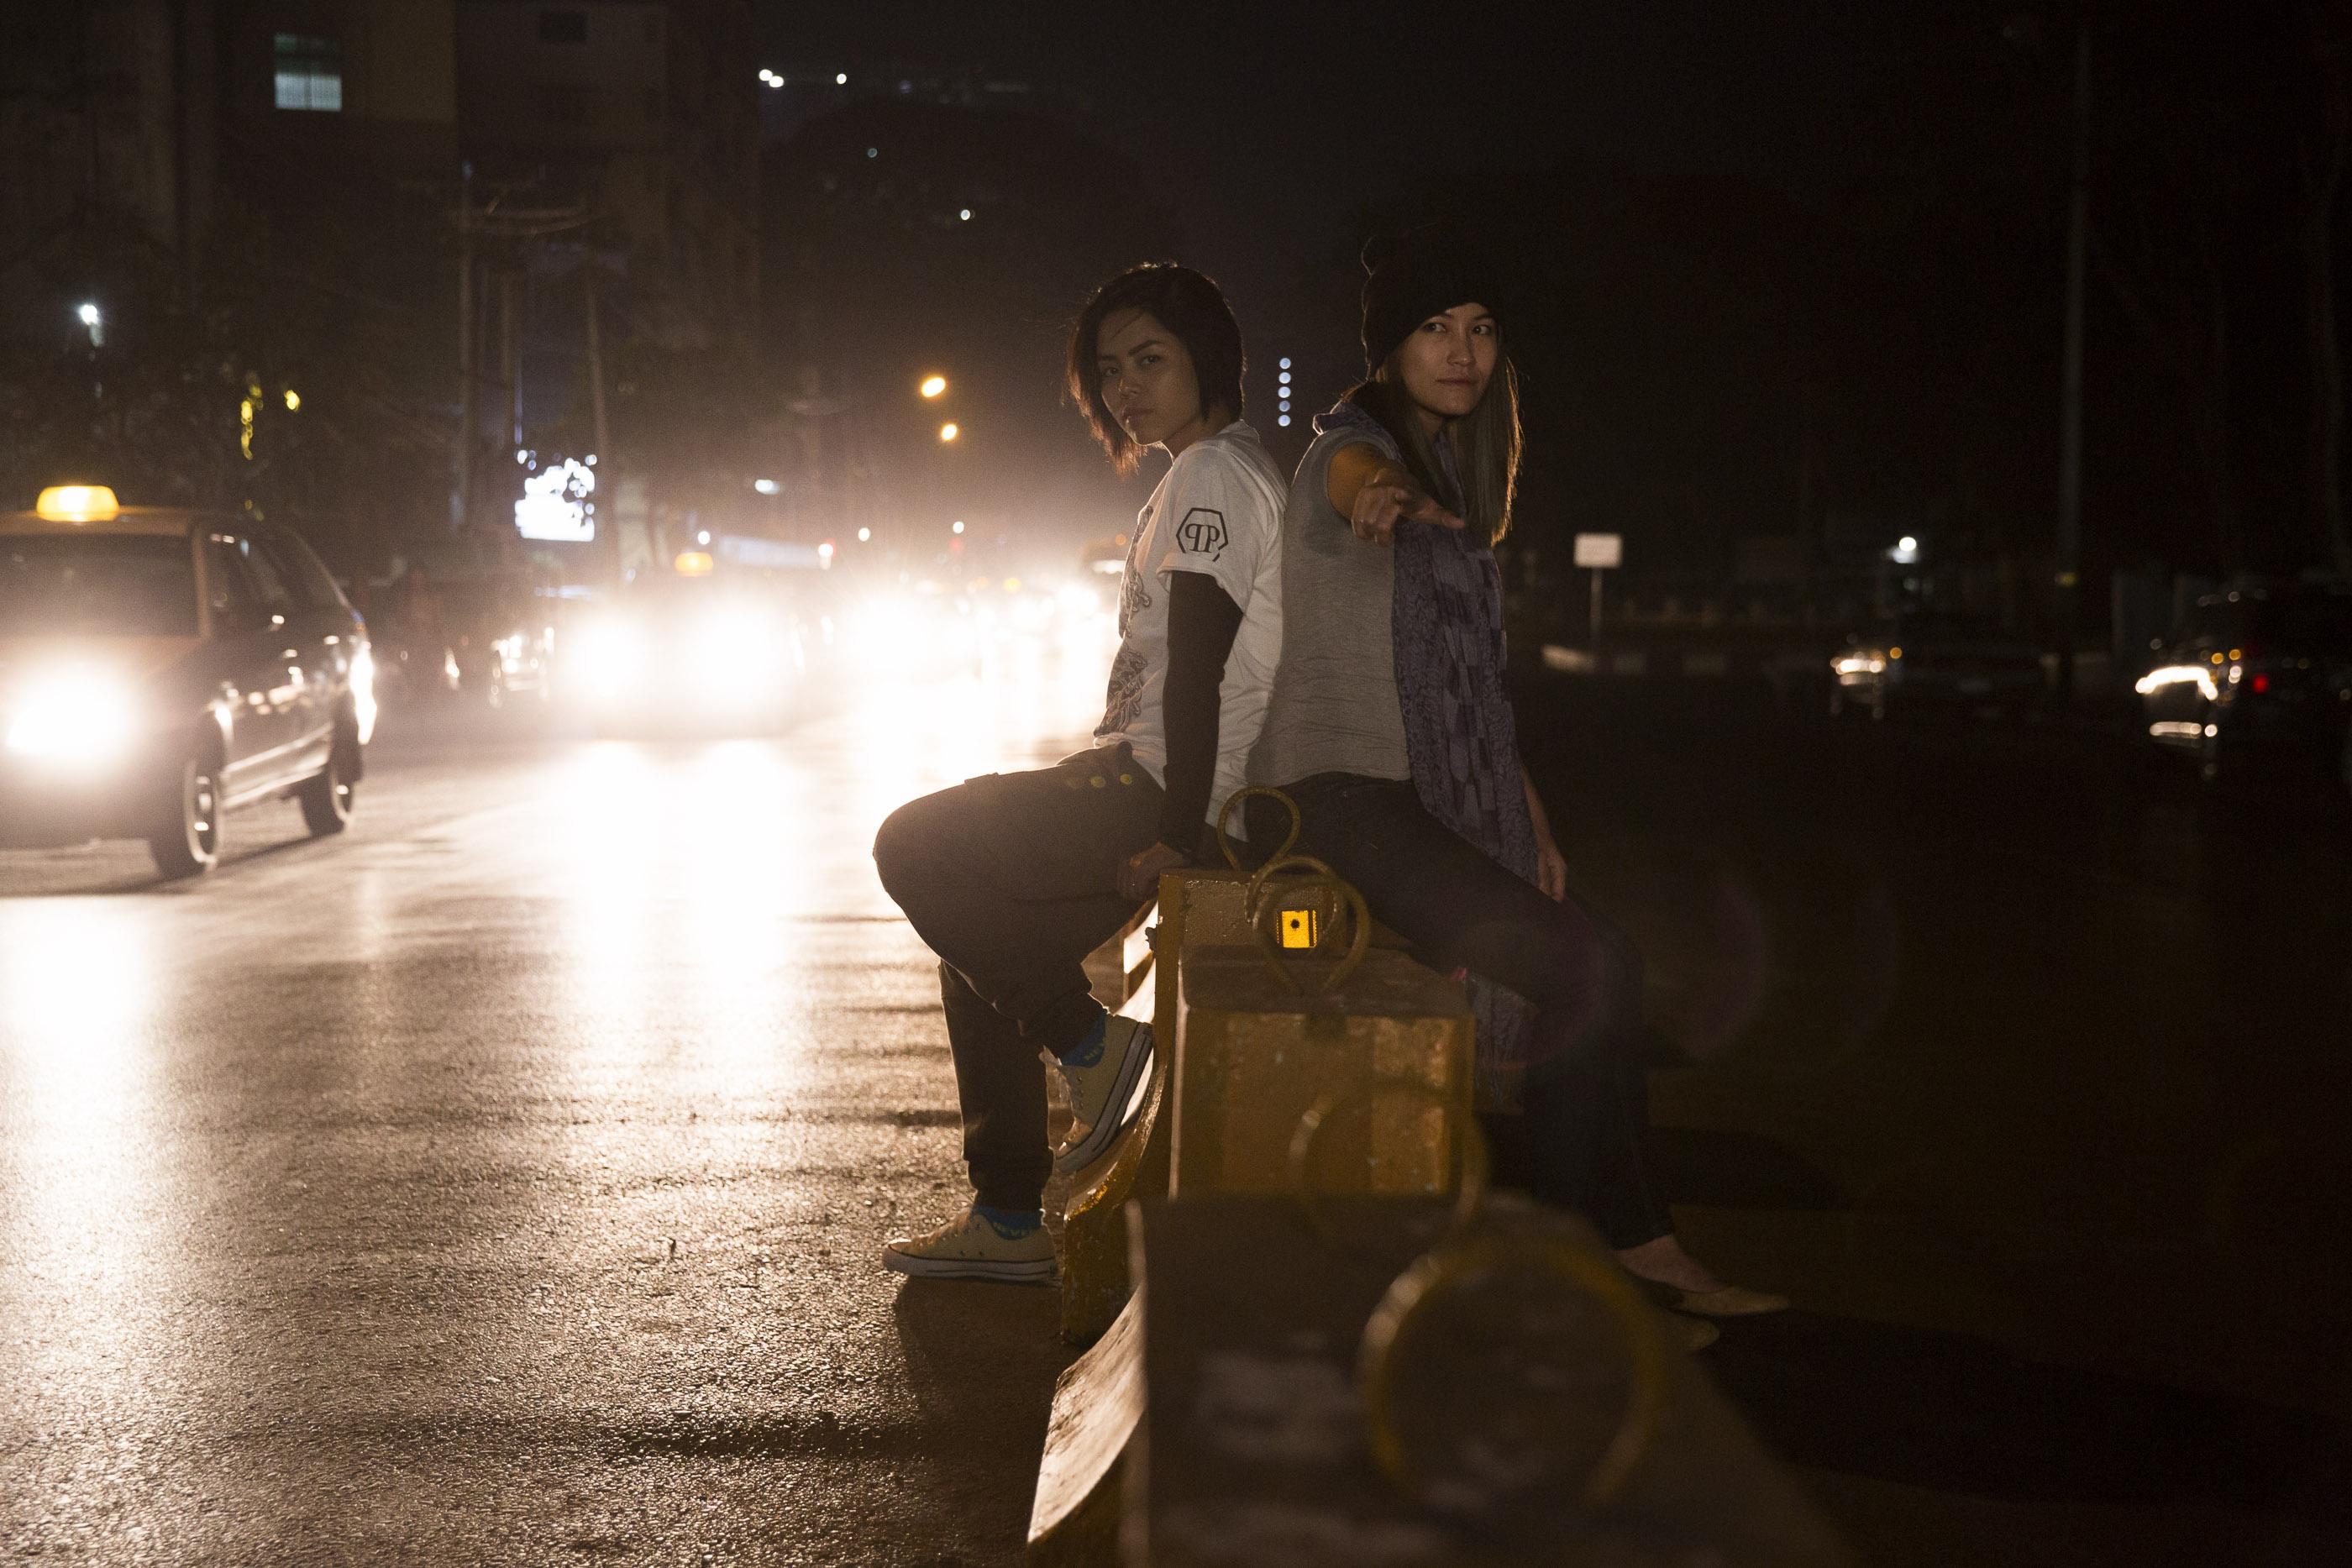 «Immer mehr junge Leute hören Hip-Hop. So finden wir Gehör und können Myanmar bewegen»: Rapperinnen T-Zin und Triple-A.